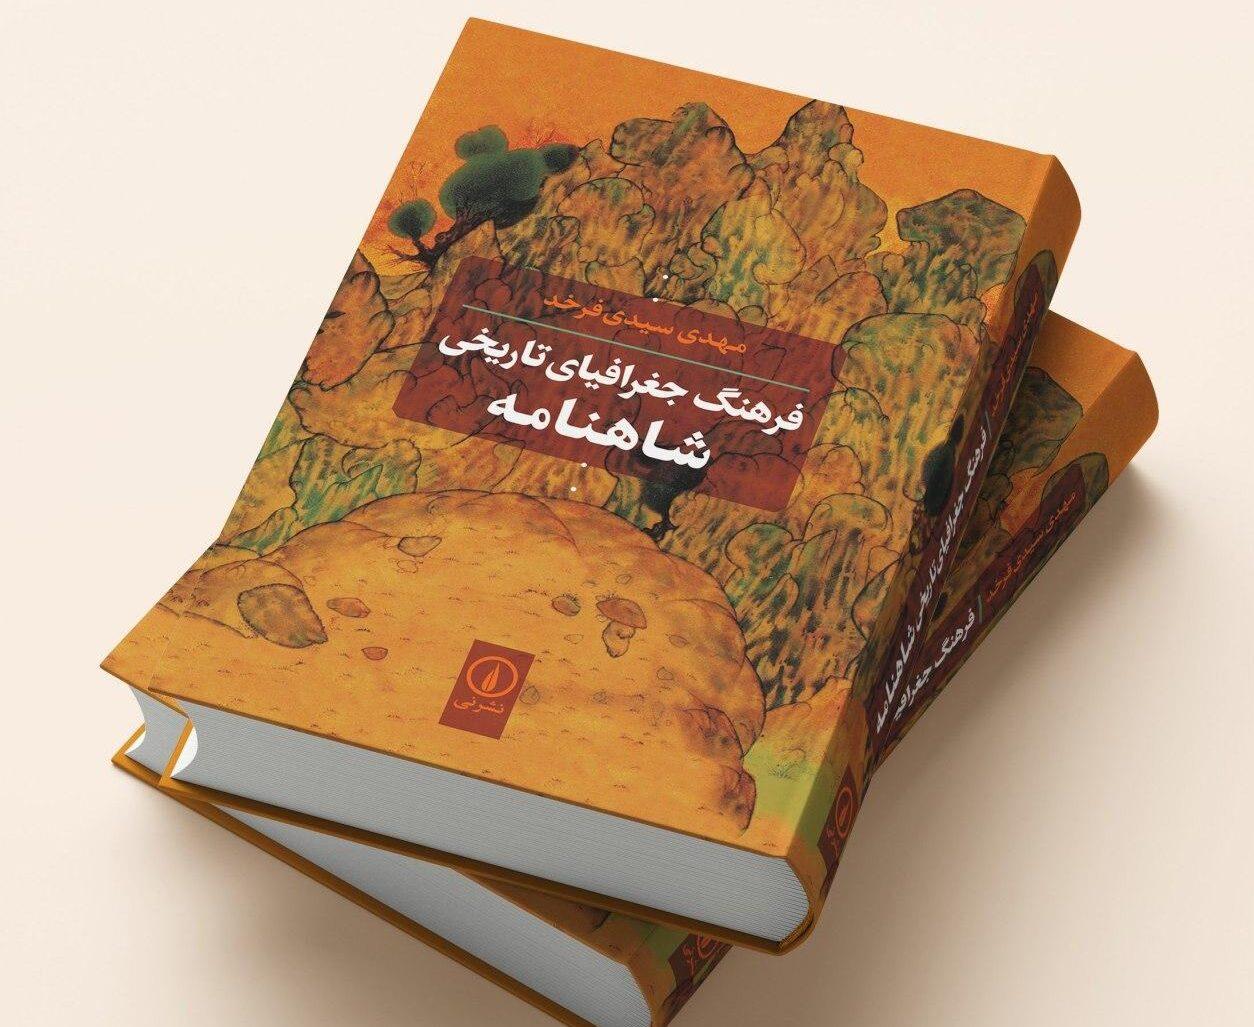 فرهنگ جغرافیای تاریخی شاهنامه نوشته مهدی سیدی فرخد